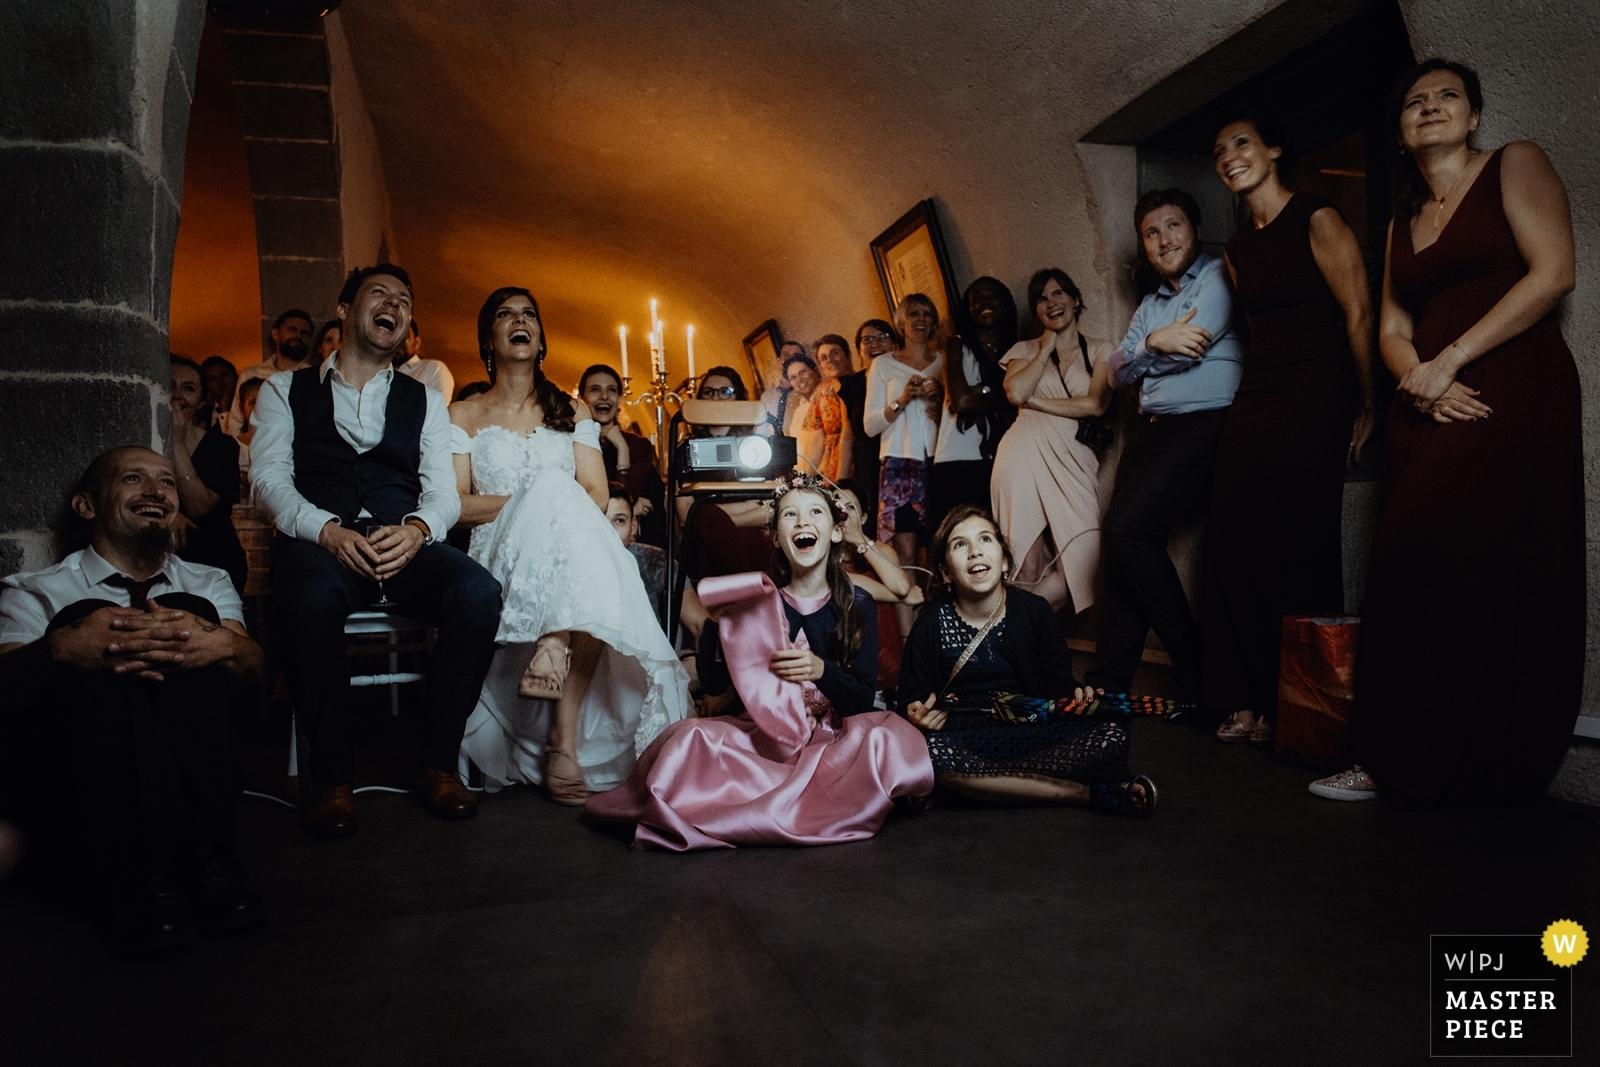 Photographie de mariage récompensée à la Wpja. Mariage au château de Saulnat à côté de Clermont Ferrand. Photographie de mariage récompensée, la soirée. Comment choisir son photographe de mariage. Et pourquoi?